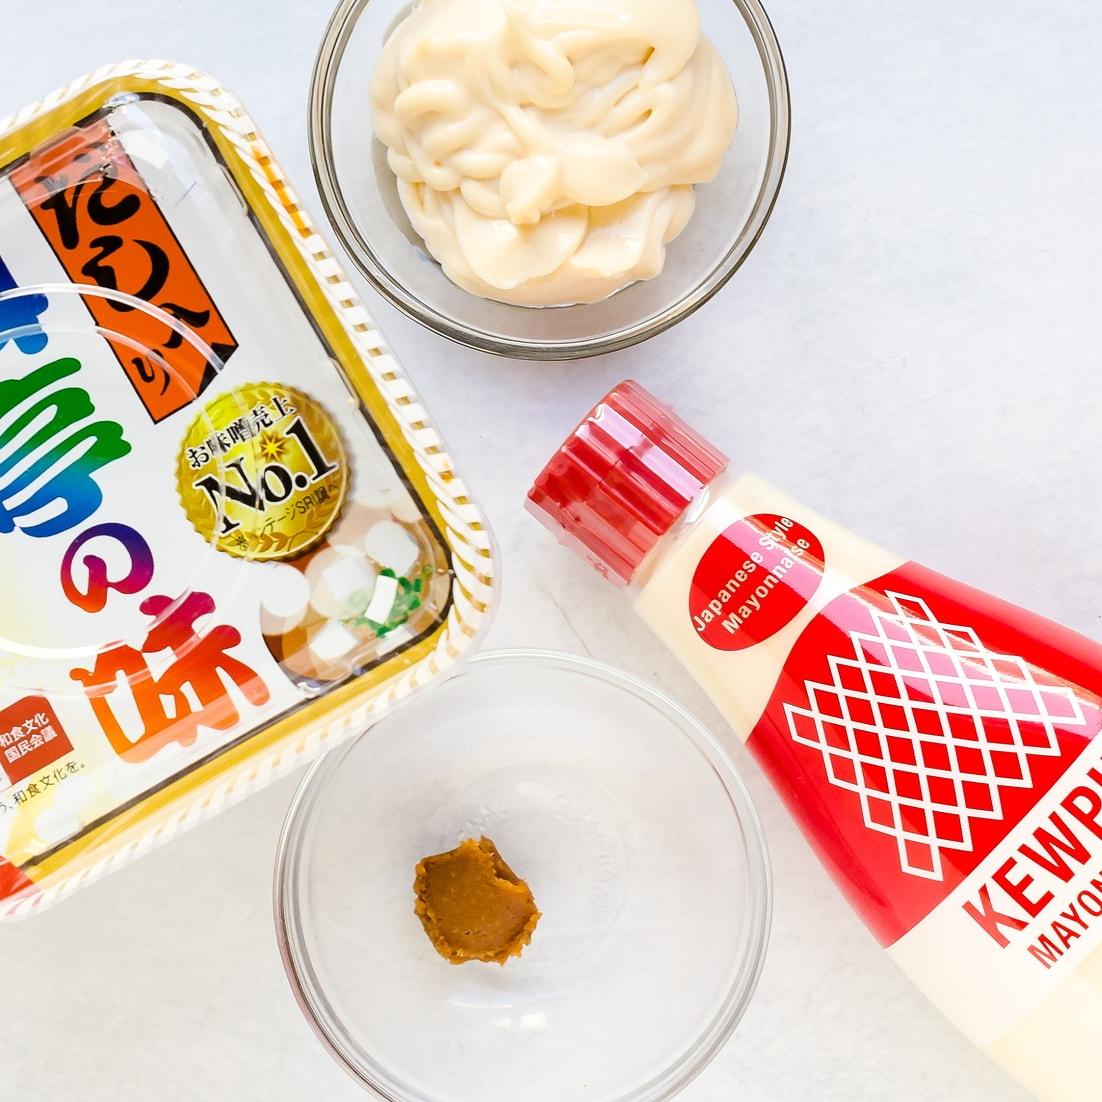 Brown miso and Japanese Kewpie mayo